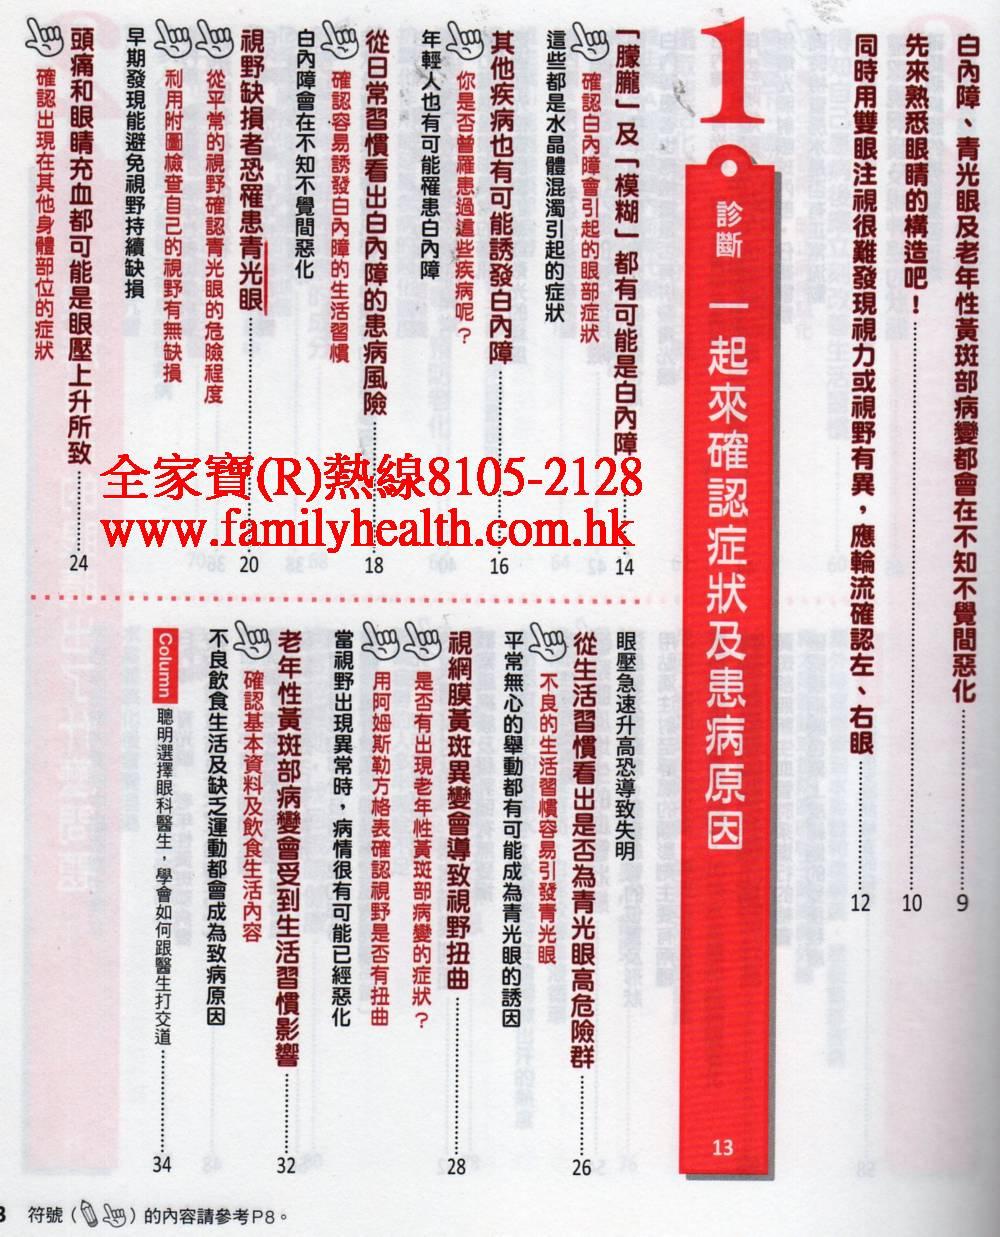 http://www.familyhealth.com.hk/files/full/1008_2.jpg